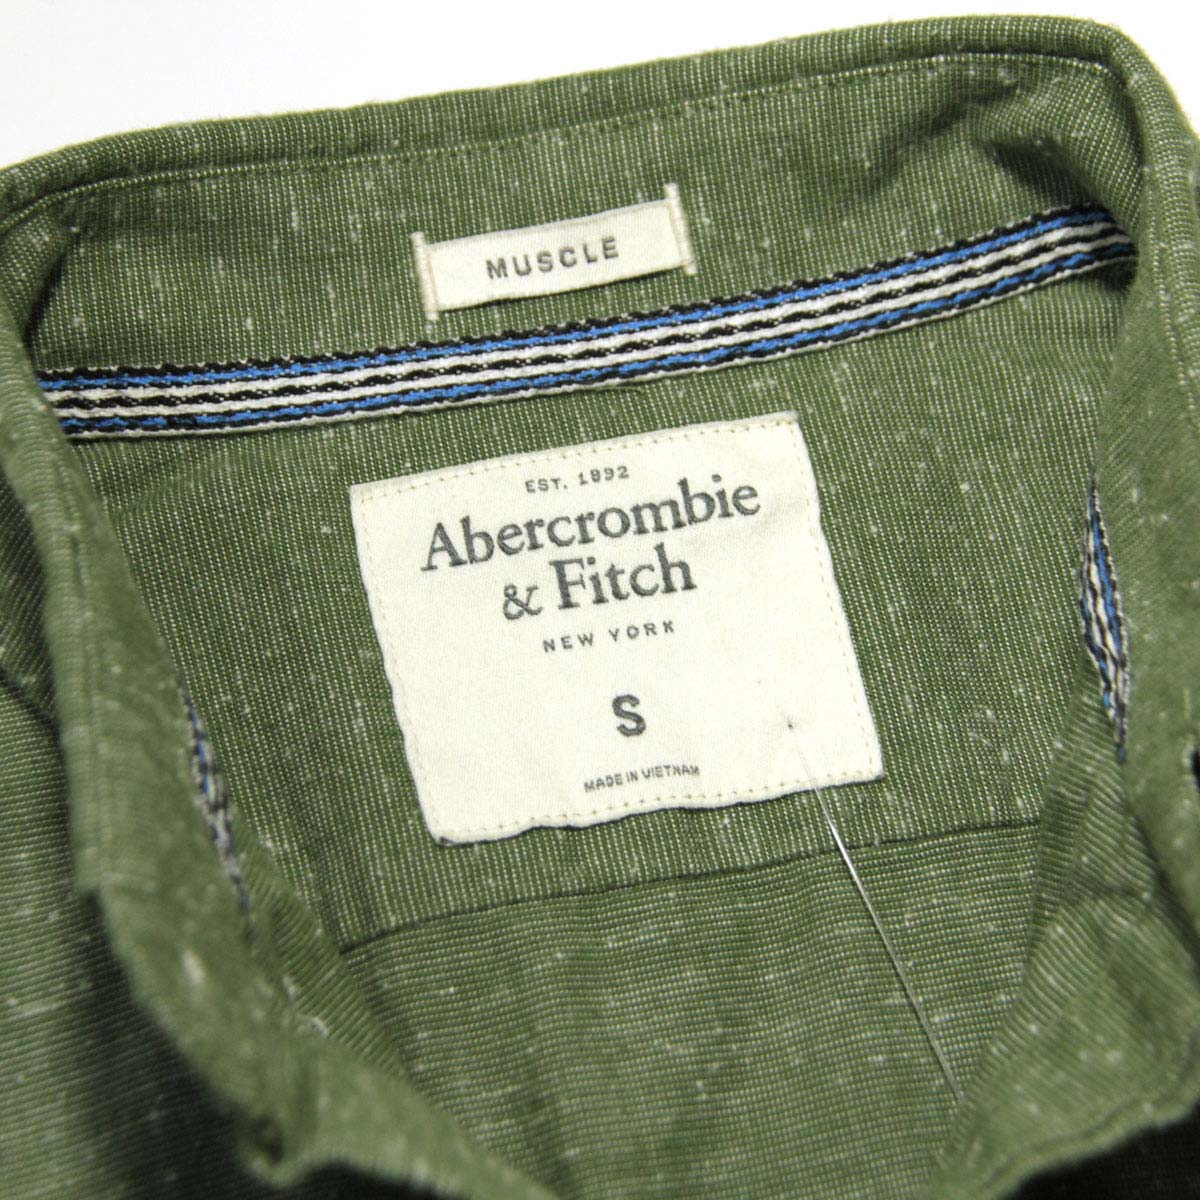 アバクロ Abercrombie&Fitch 正規品 メンズ 長袖シャツ TEXTURED SHIRT 125-168-2156-333